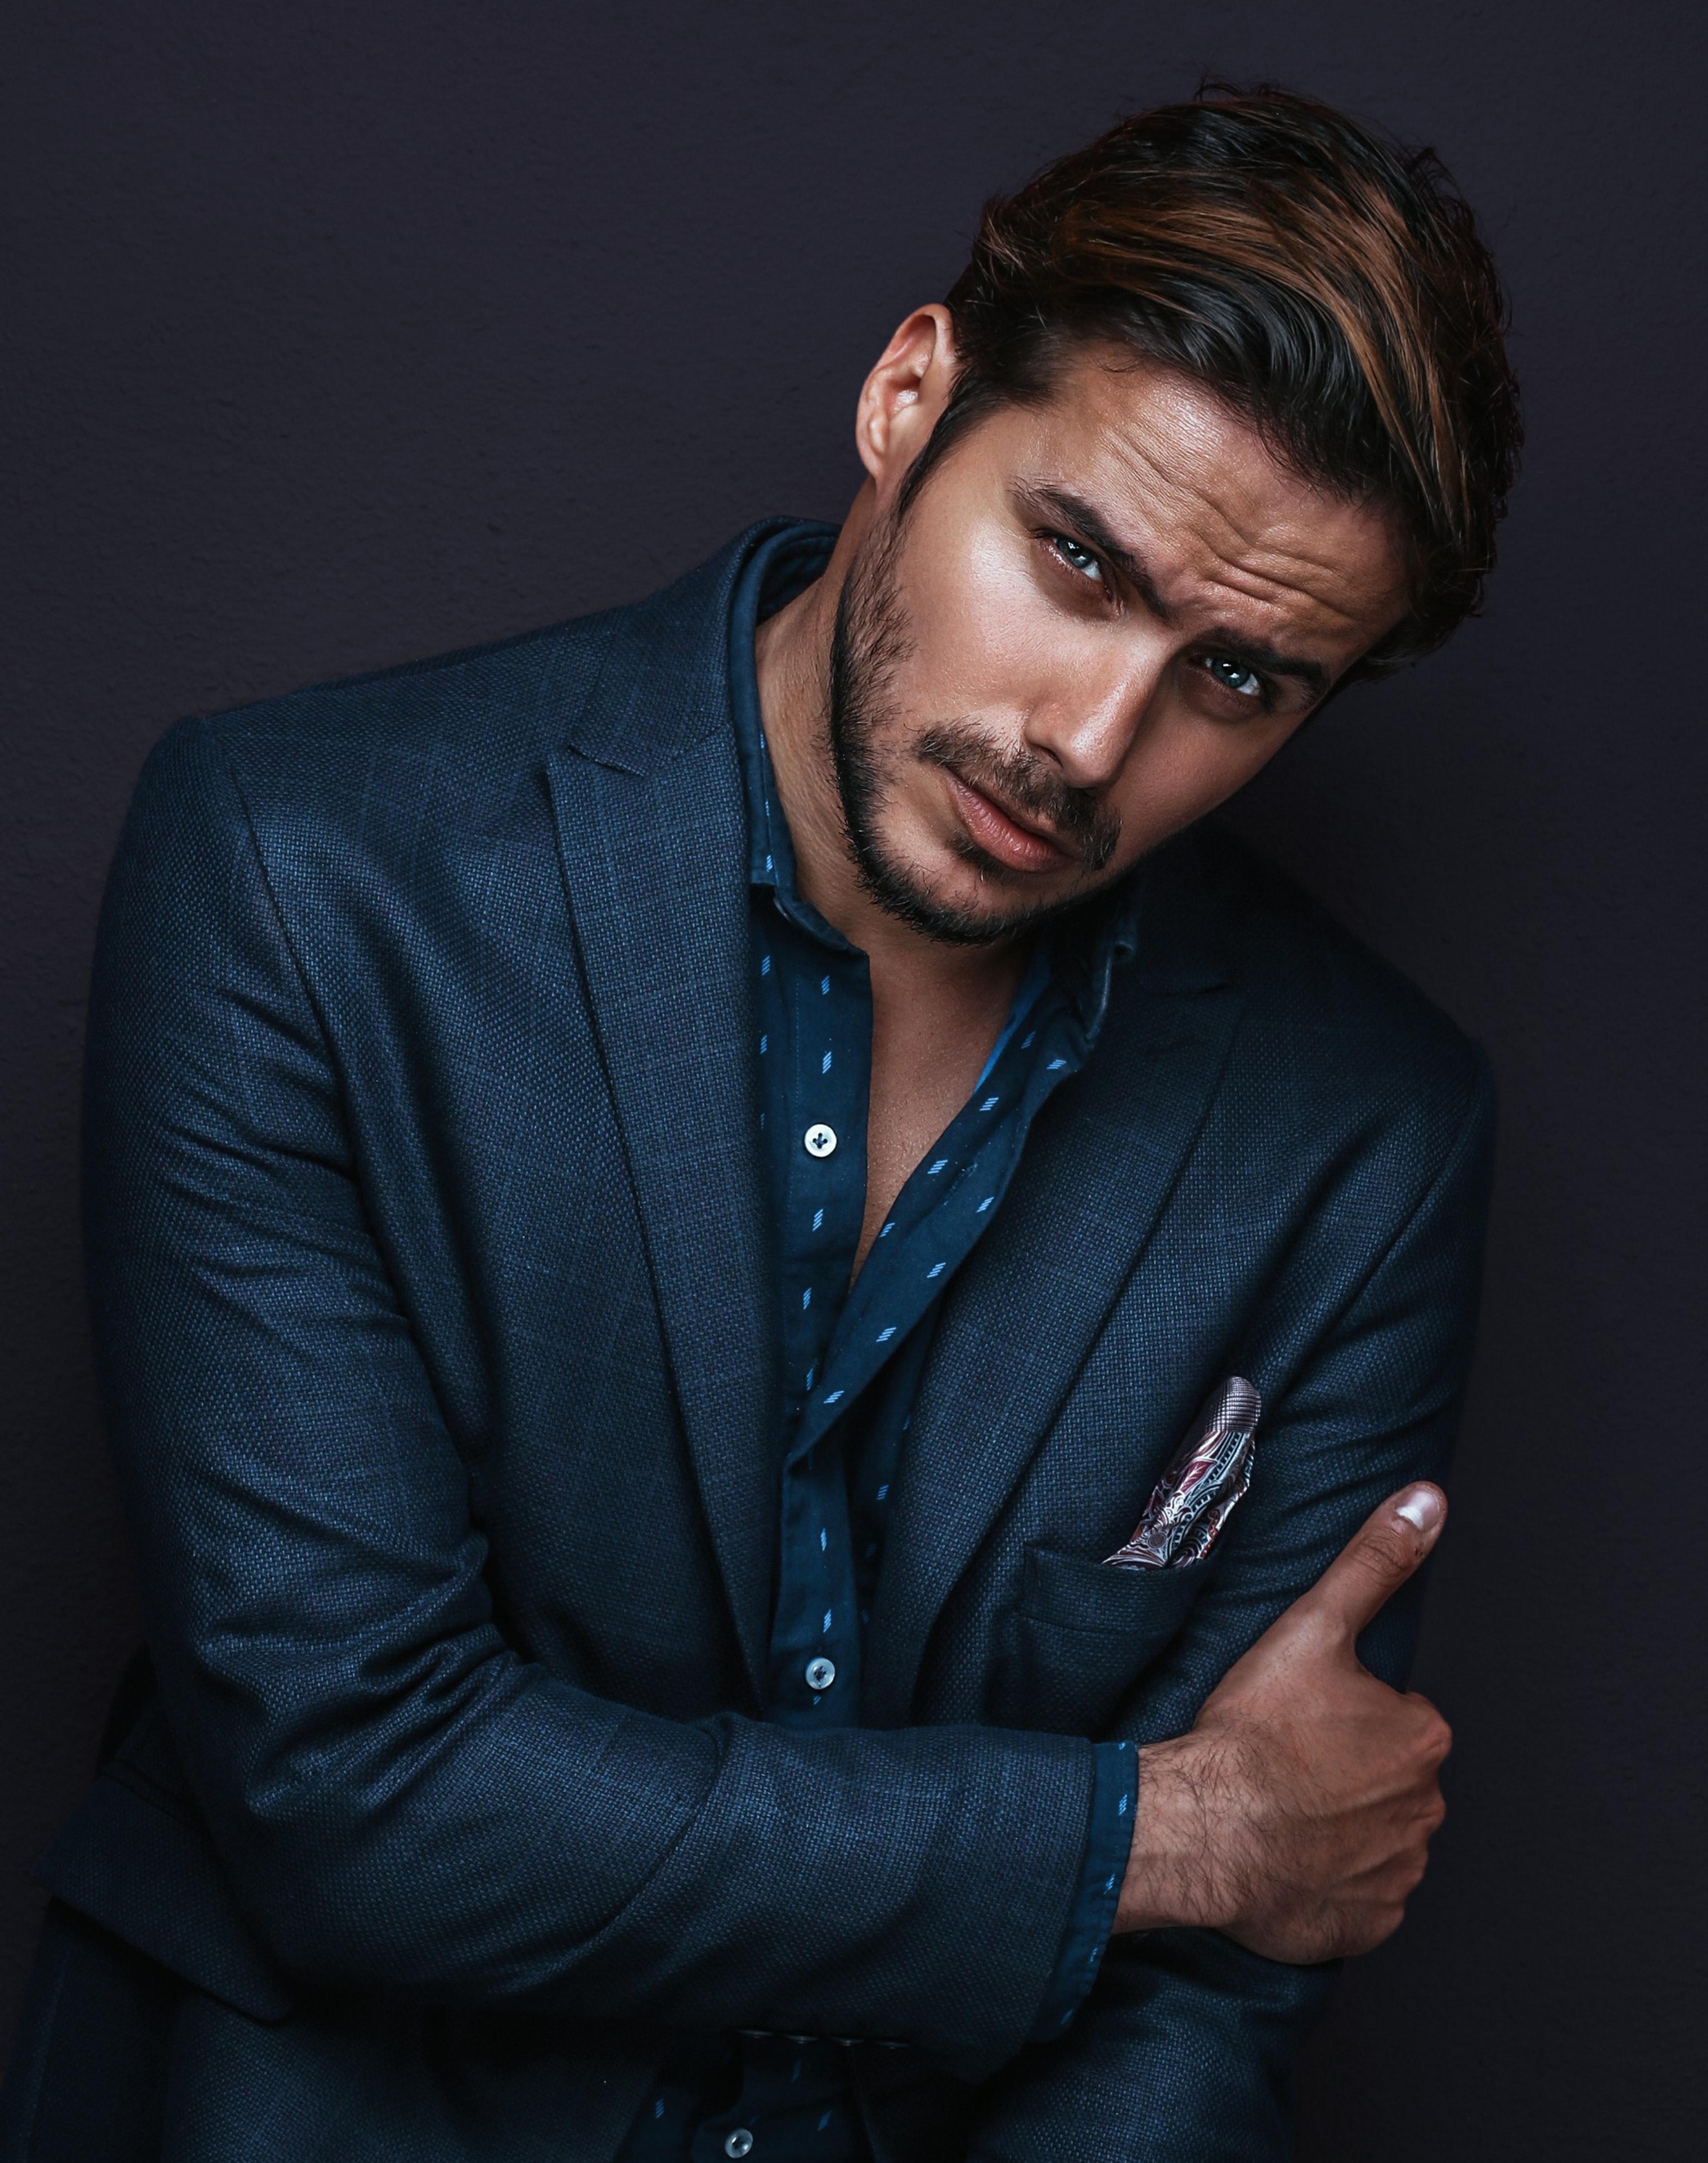 Male model posing wearing a blue suit